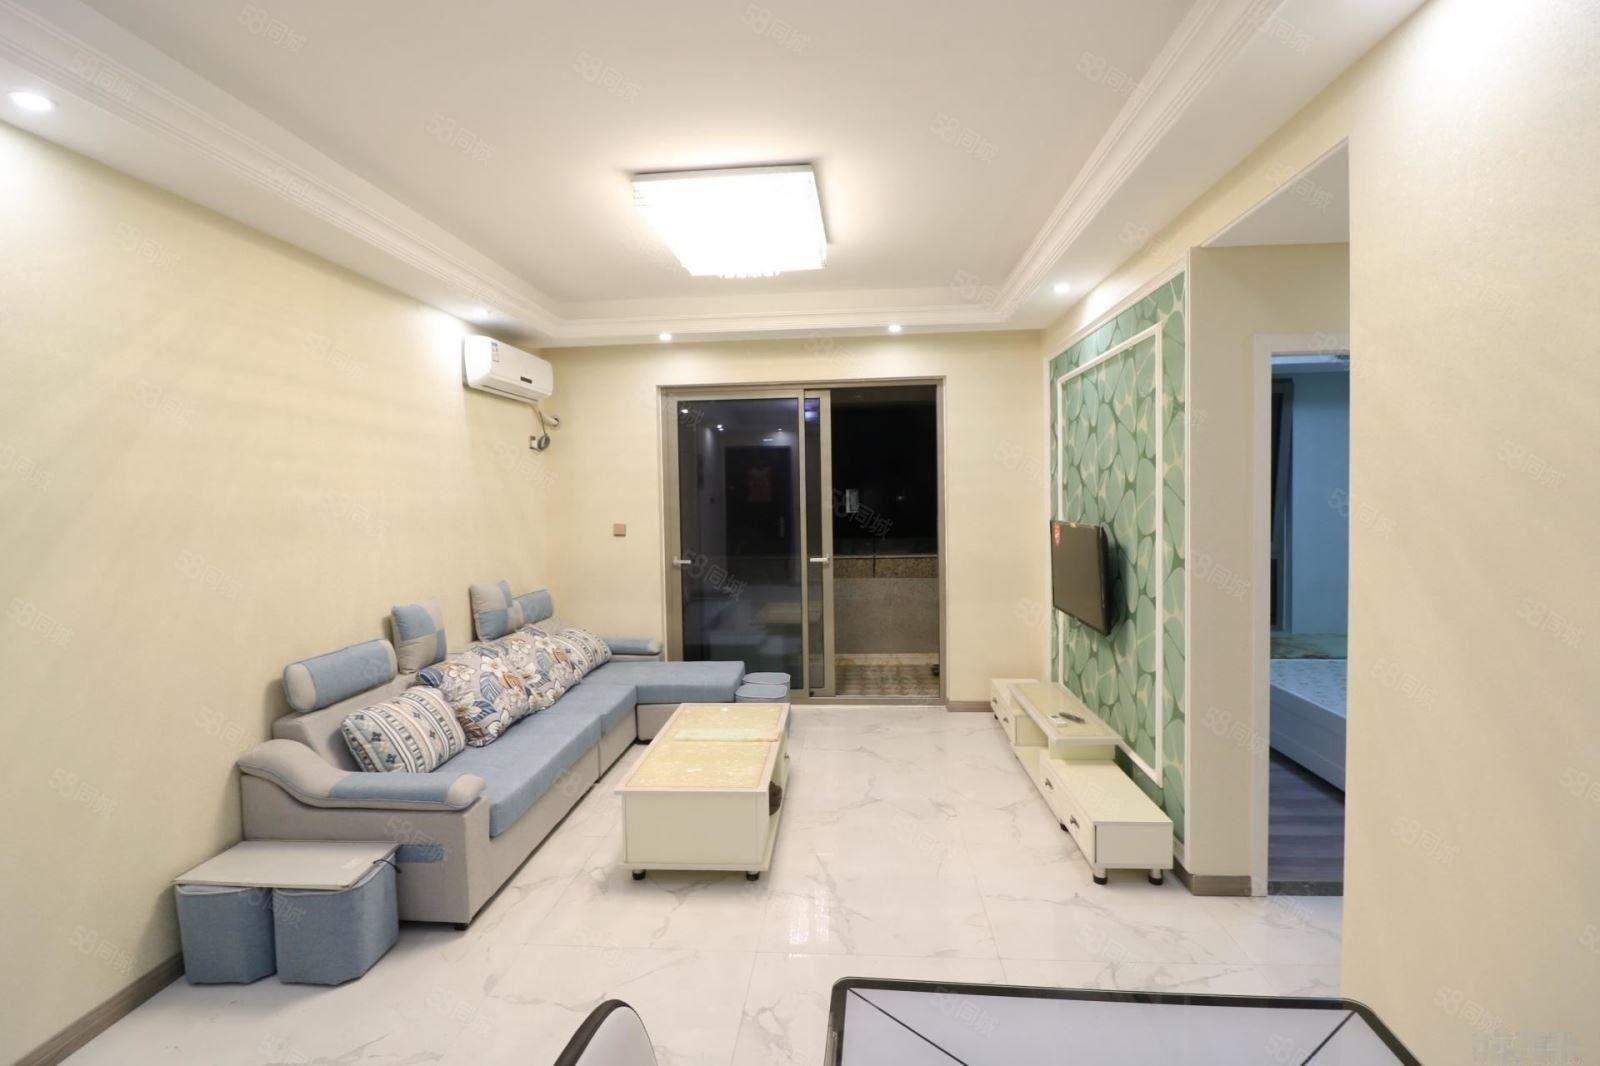 市中心临园口电梯精装两室好房出租配套齐全随时入住